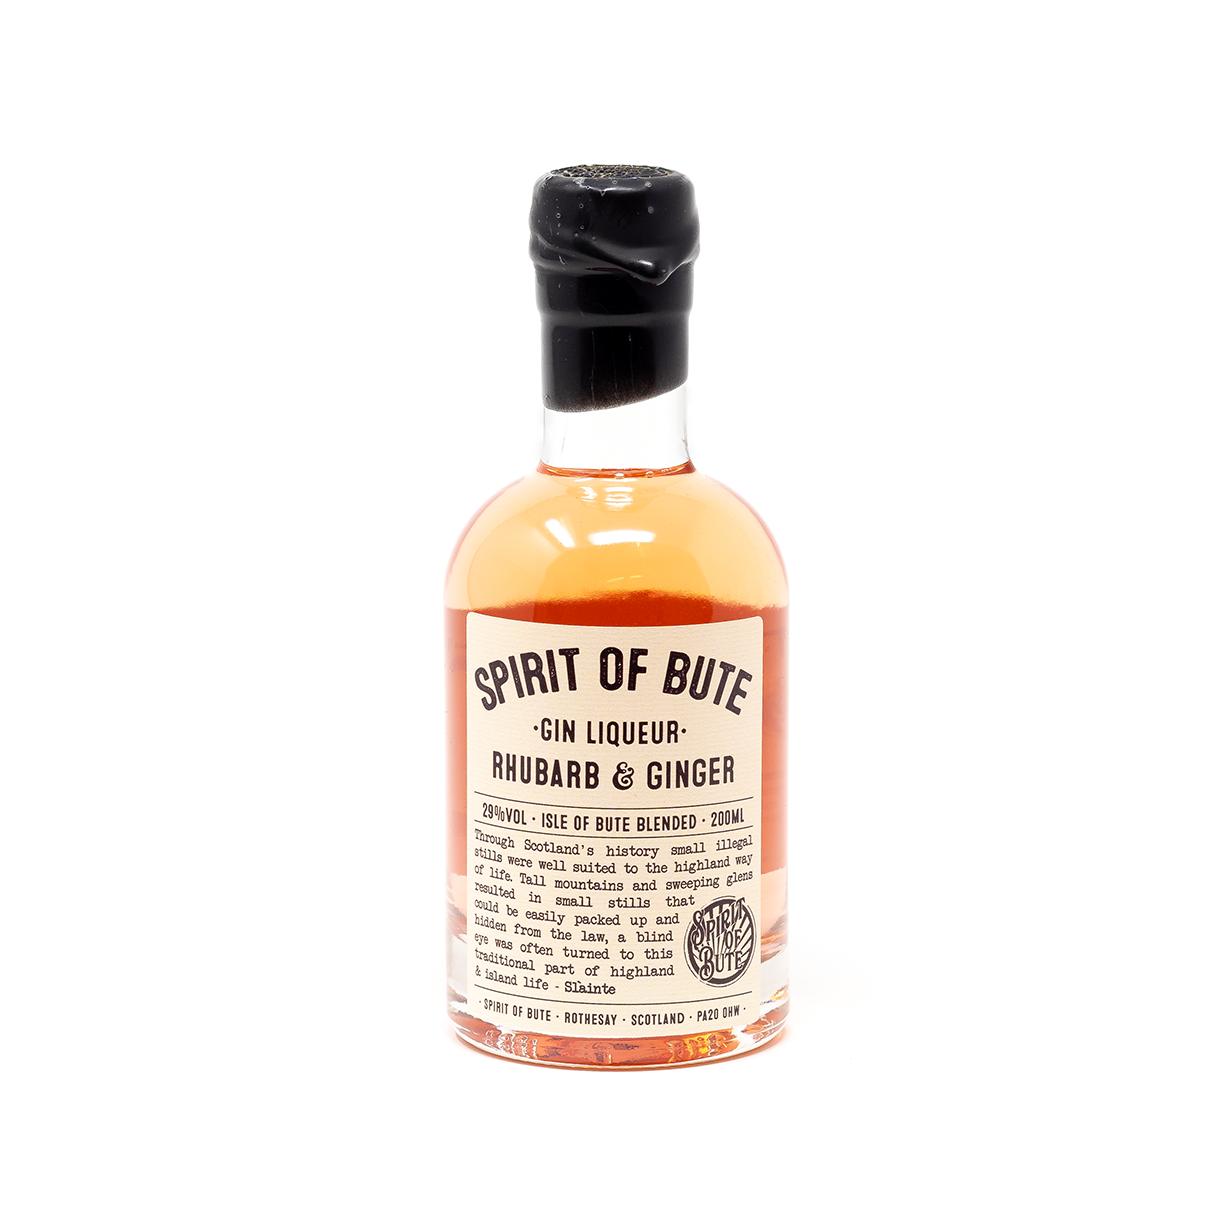 SOB Gin Liqueur (Rhubarb & Ginger)